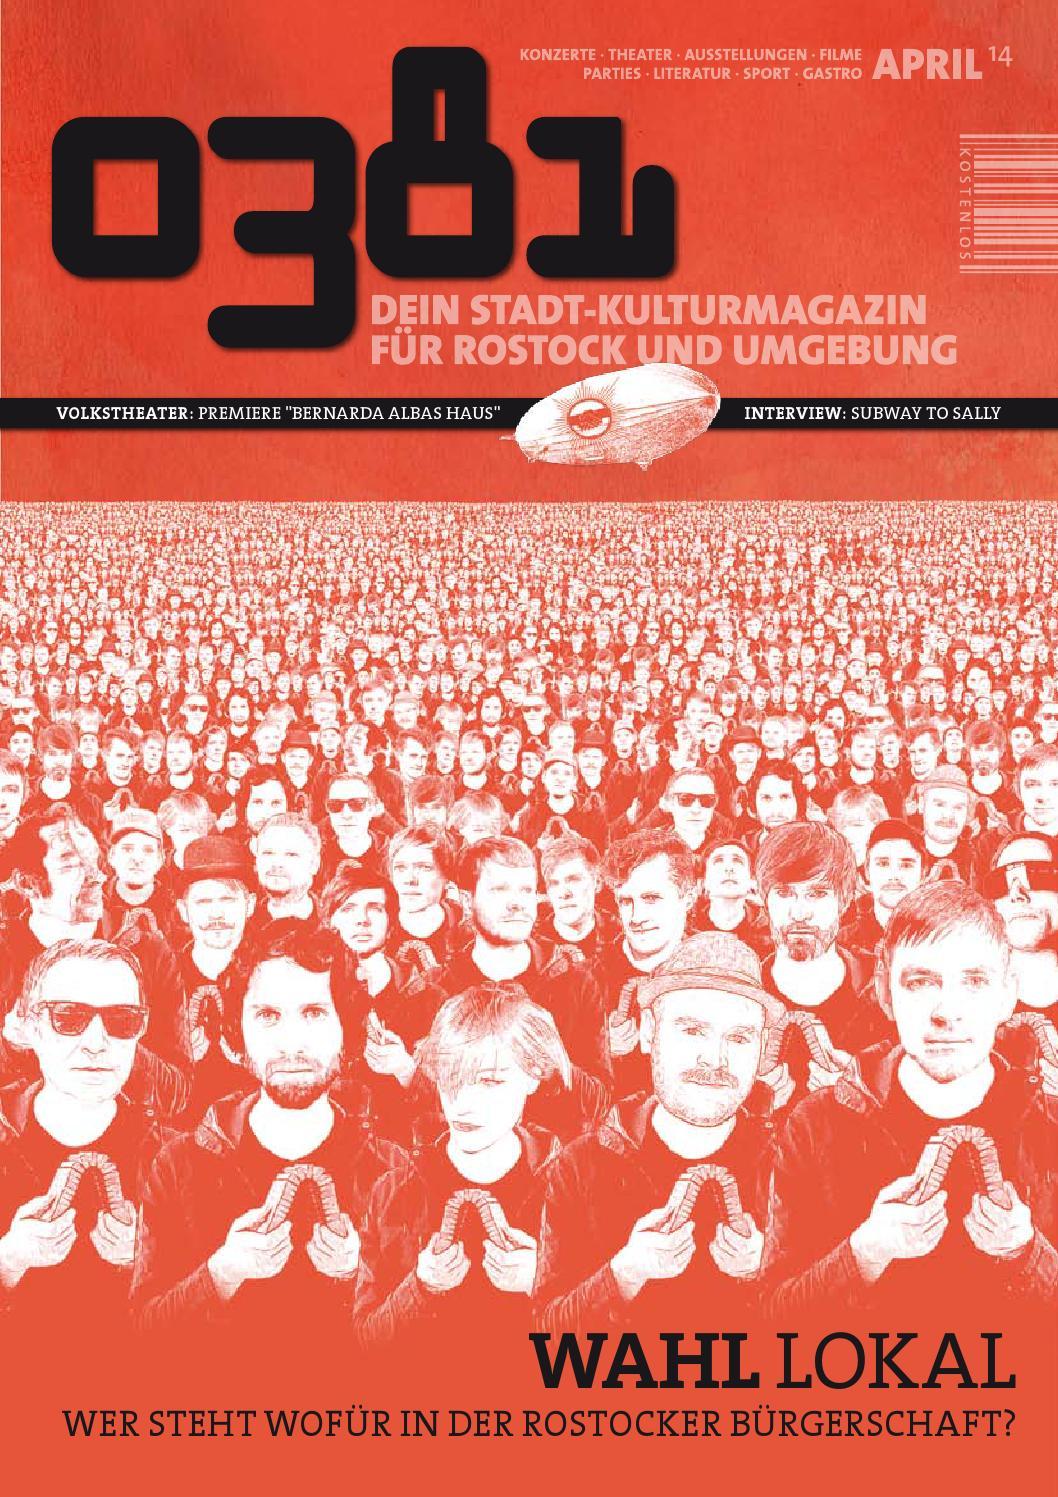 0381 – Dein StadtKulturmagazin für Rostock und Umgebung